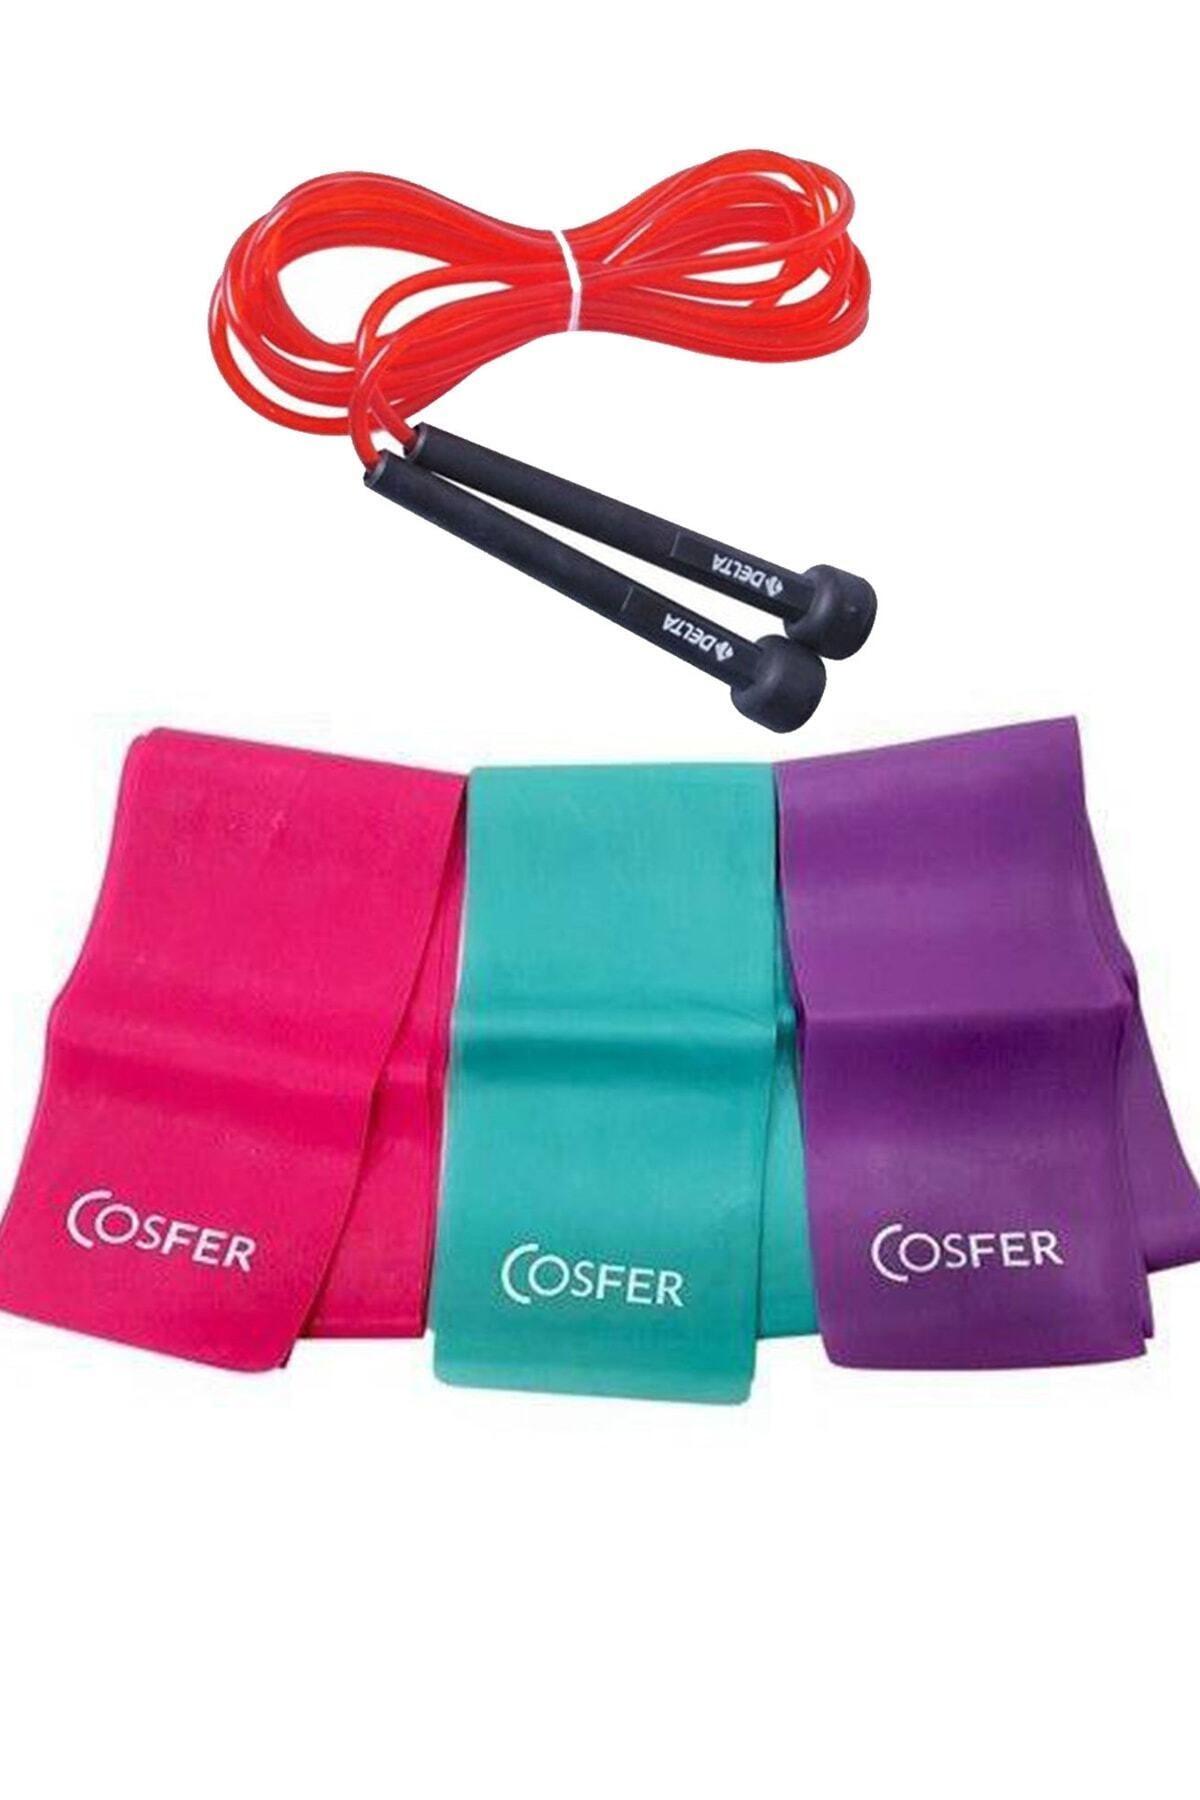 Cosfer 3 Lü Pilates Bandı 3 Farklı Dirençte Plates Lastiği 120x7.5 Cm + Atlama Ipi Kondisyon 1